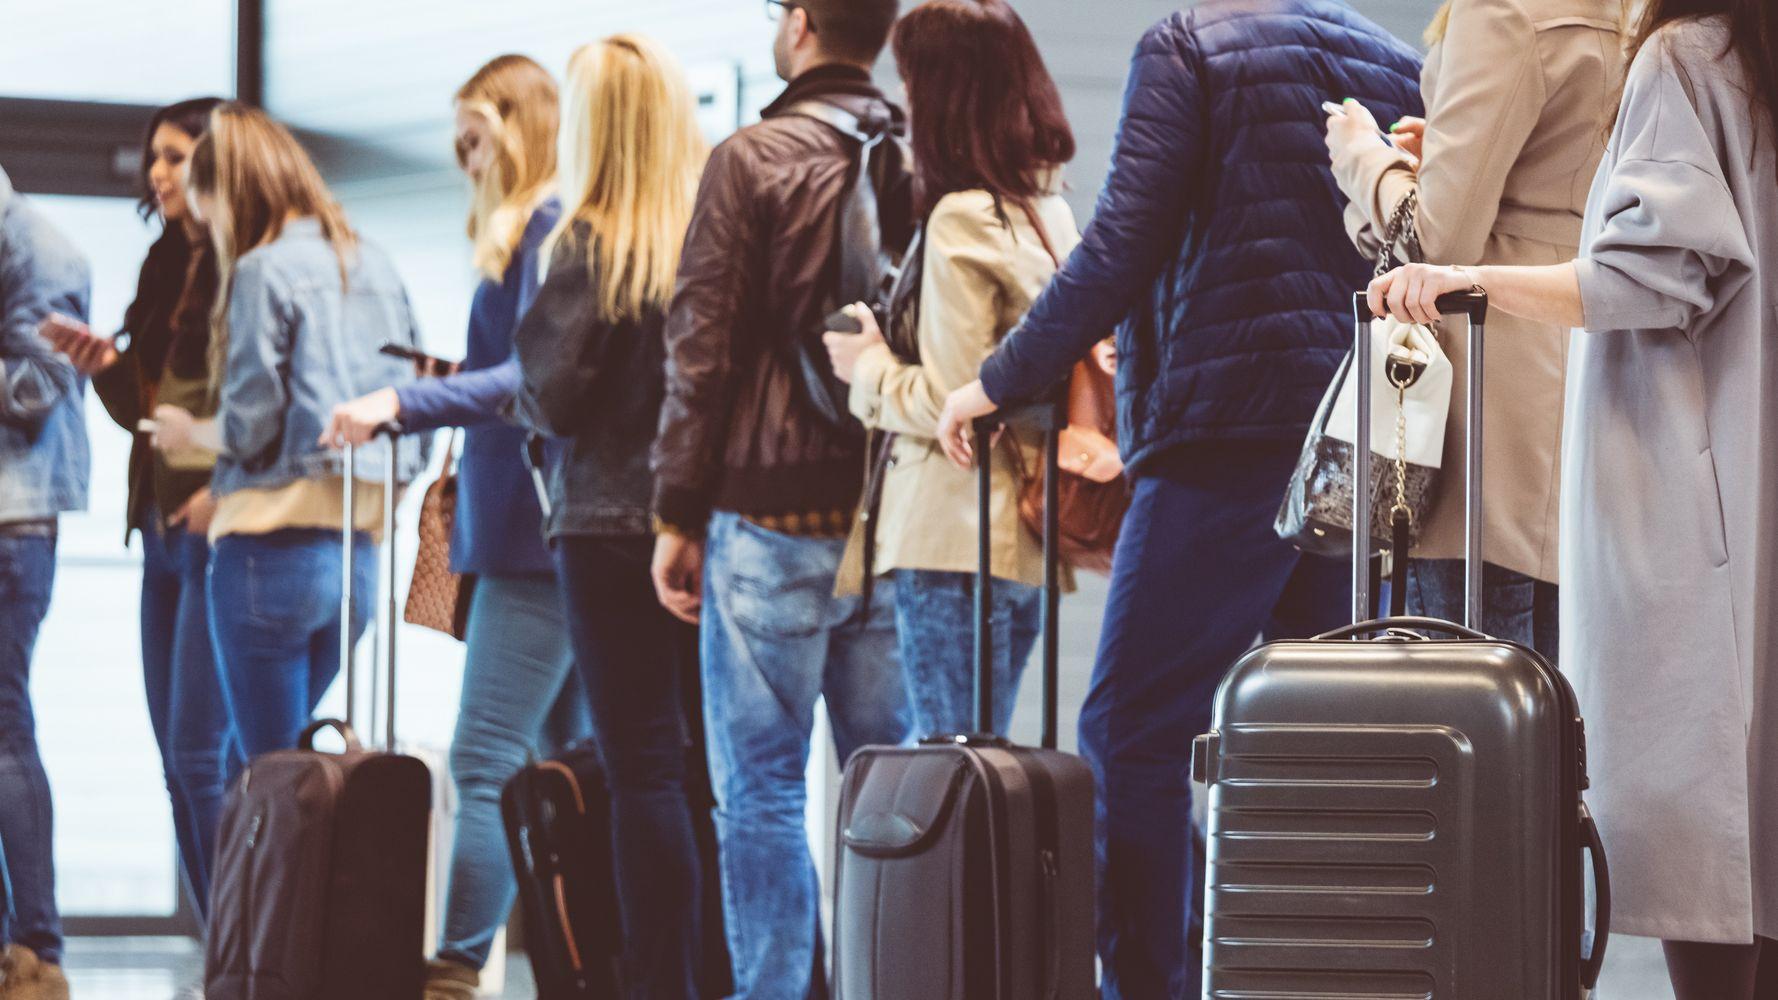 30٪ من المسافرين في المملكة المتحدة يتجنبون عطل الاتحاد الأوروبي بعد بريكست